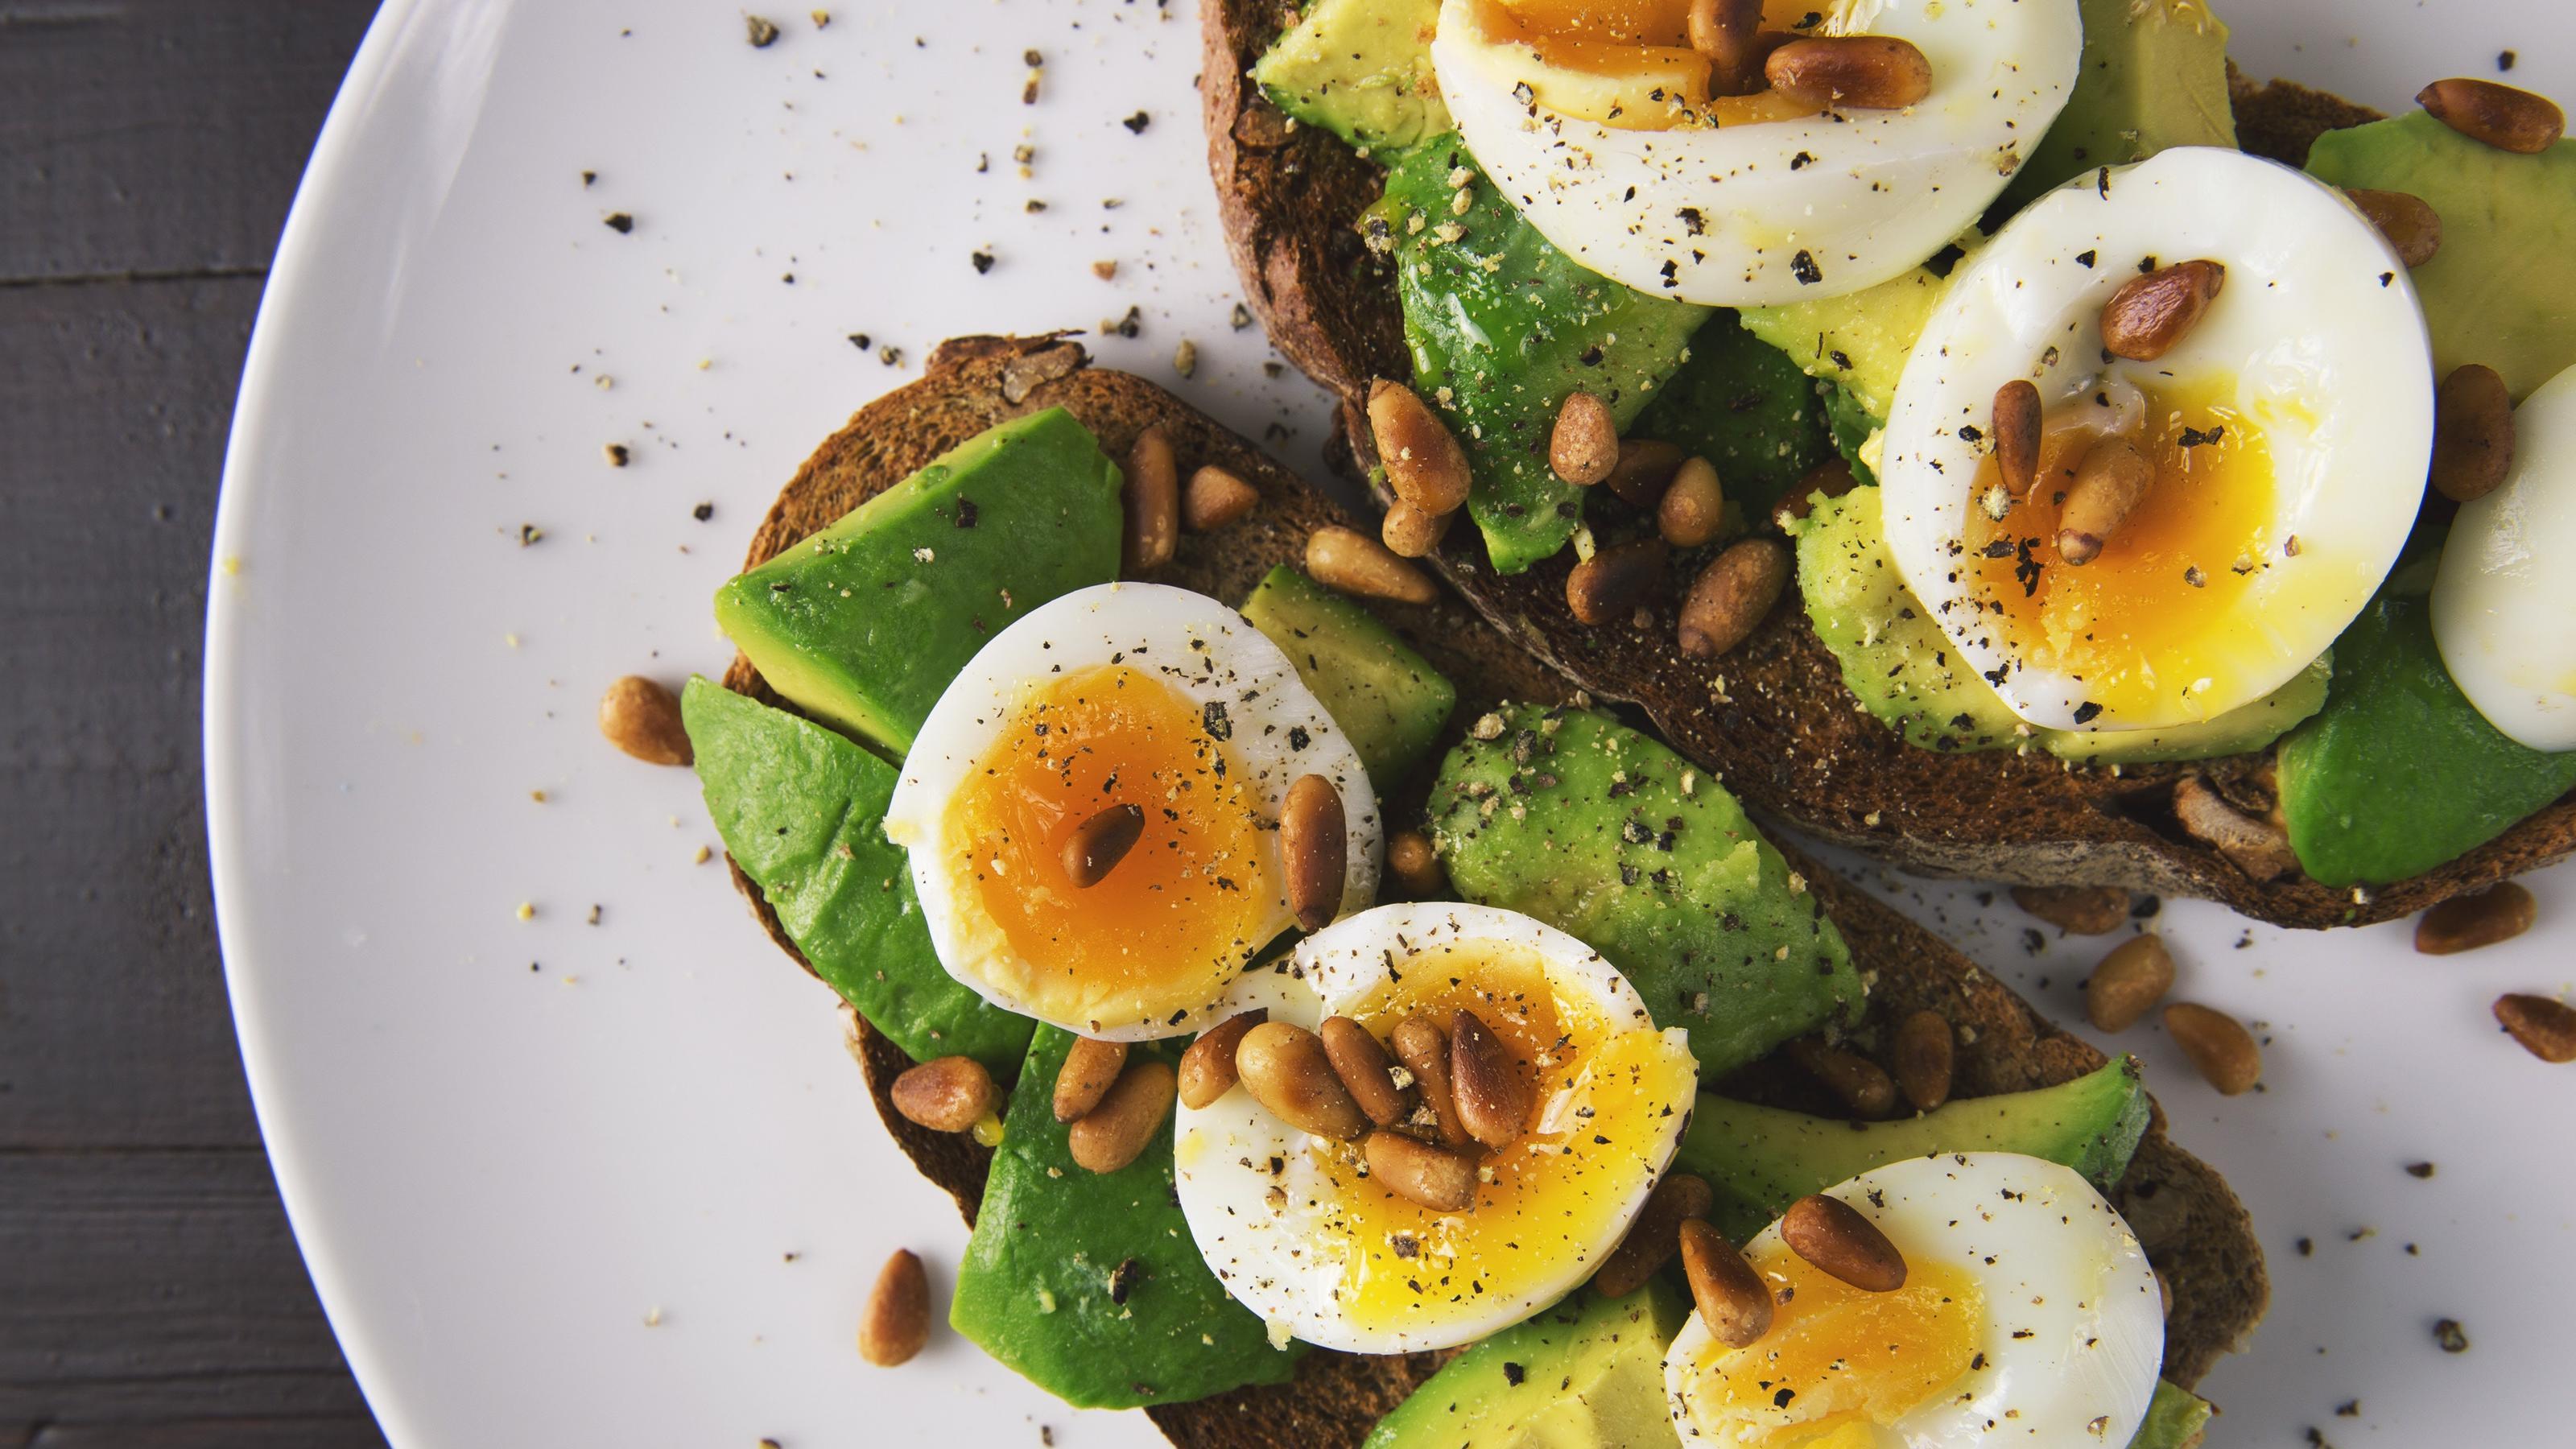 Vollkornbrot mit Avocado und Ei